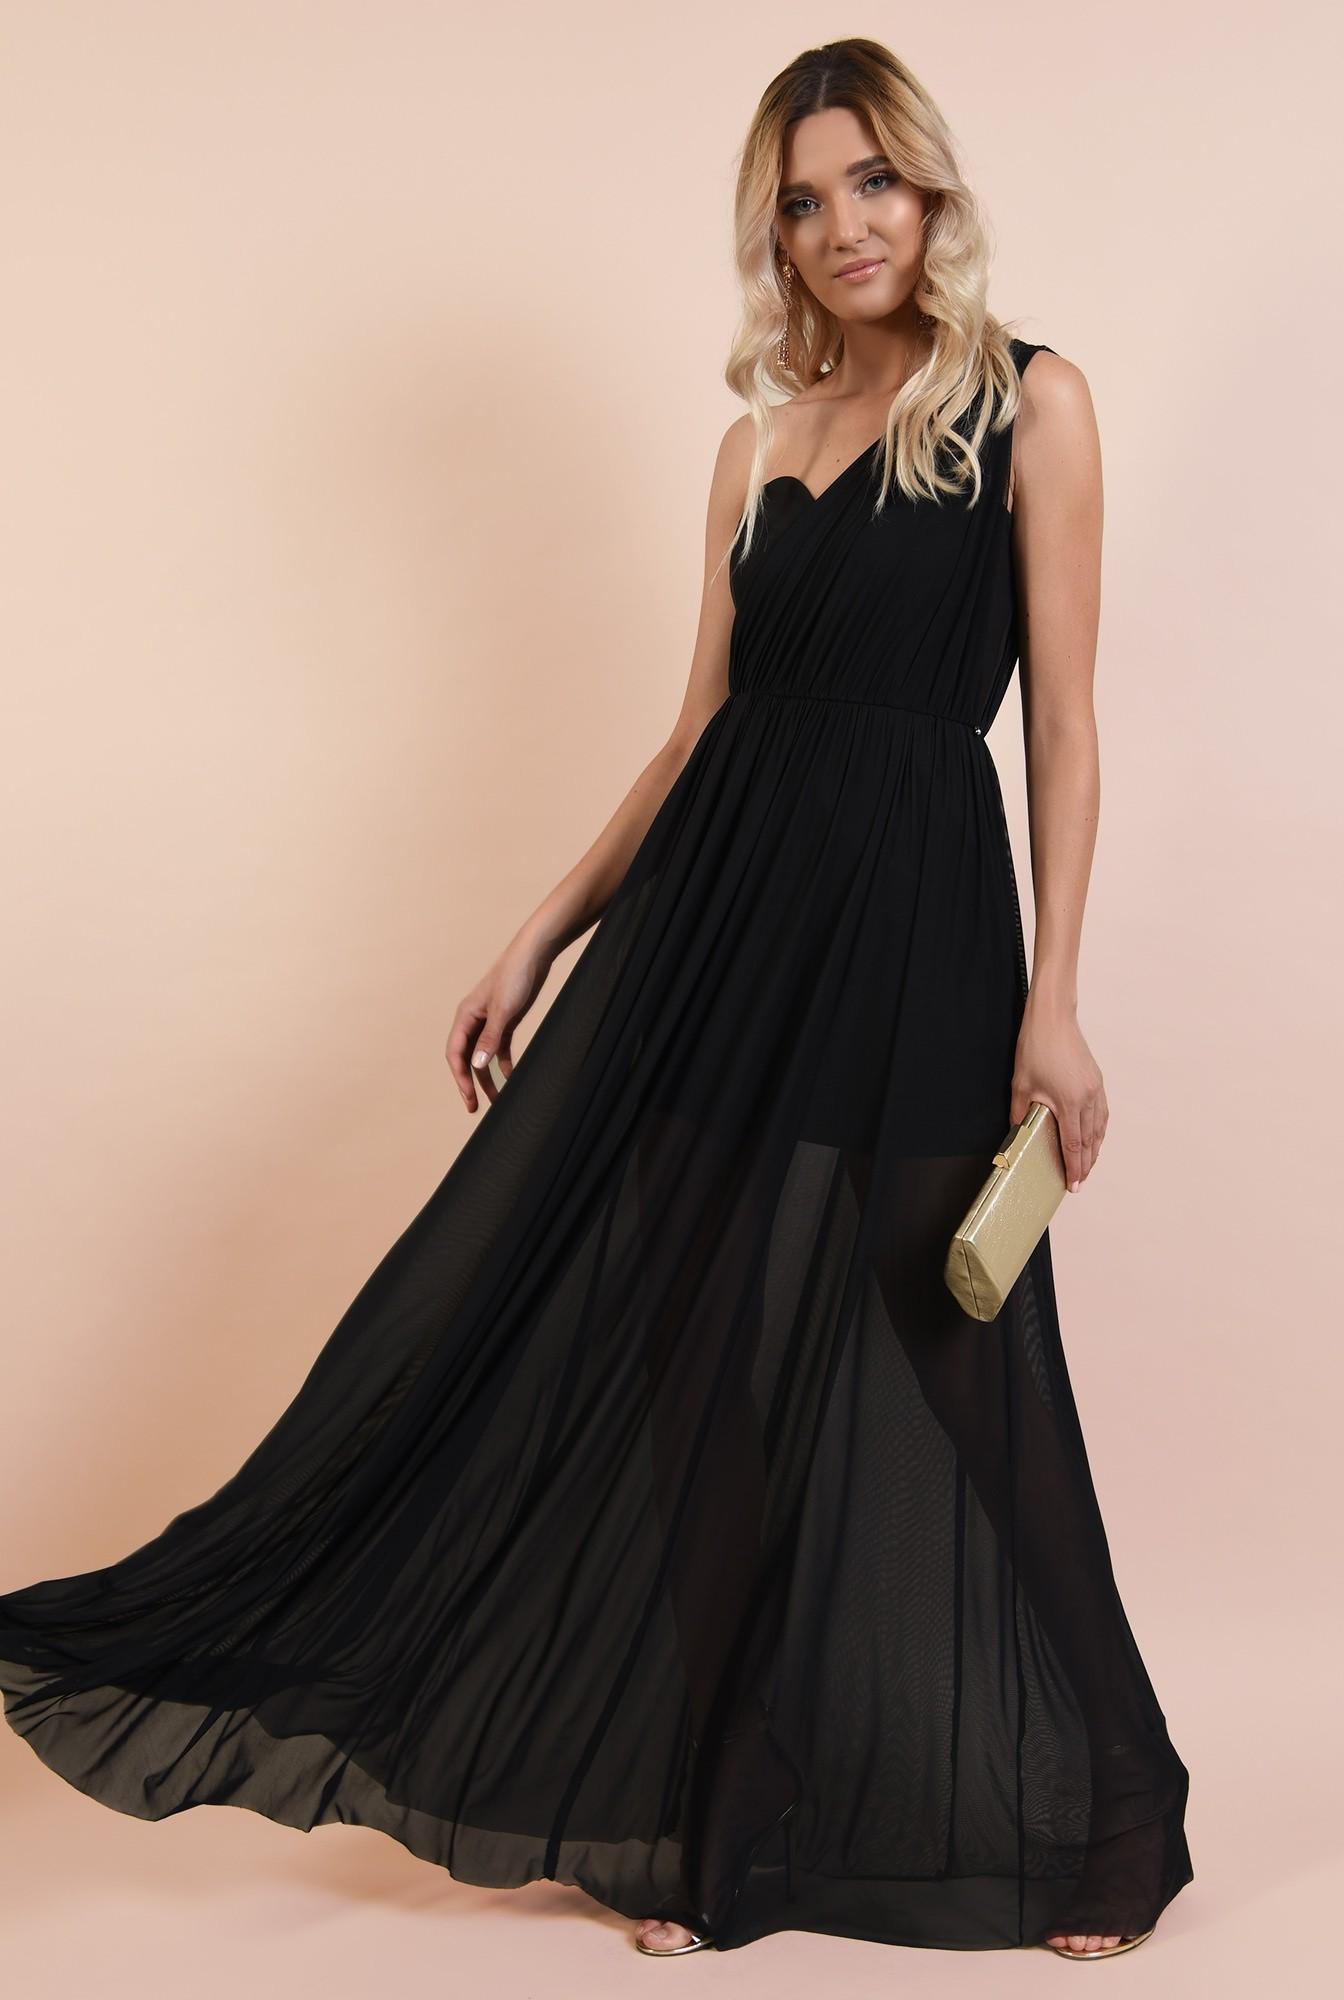 3 - rochie eleganta, decolteu inima, croi evazat, fusta transparenta